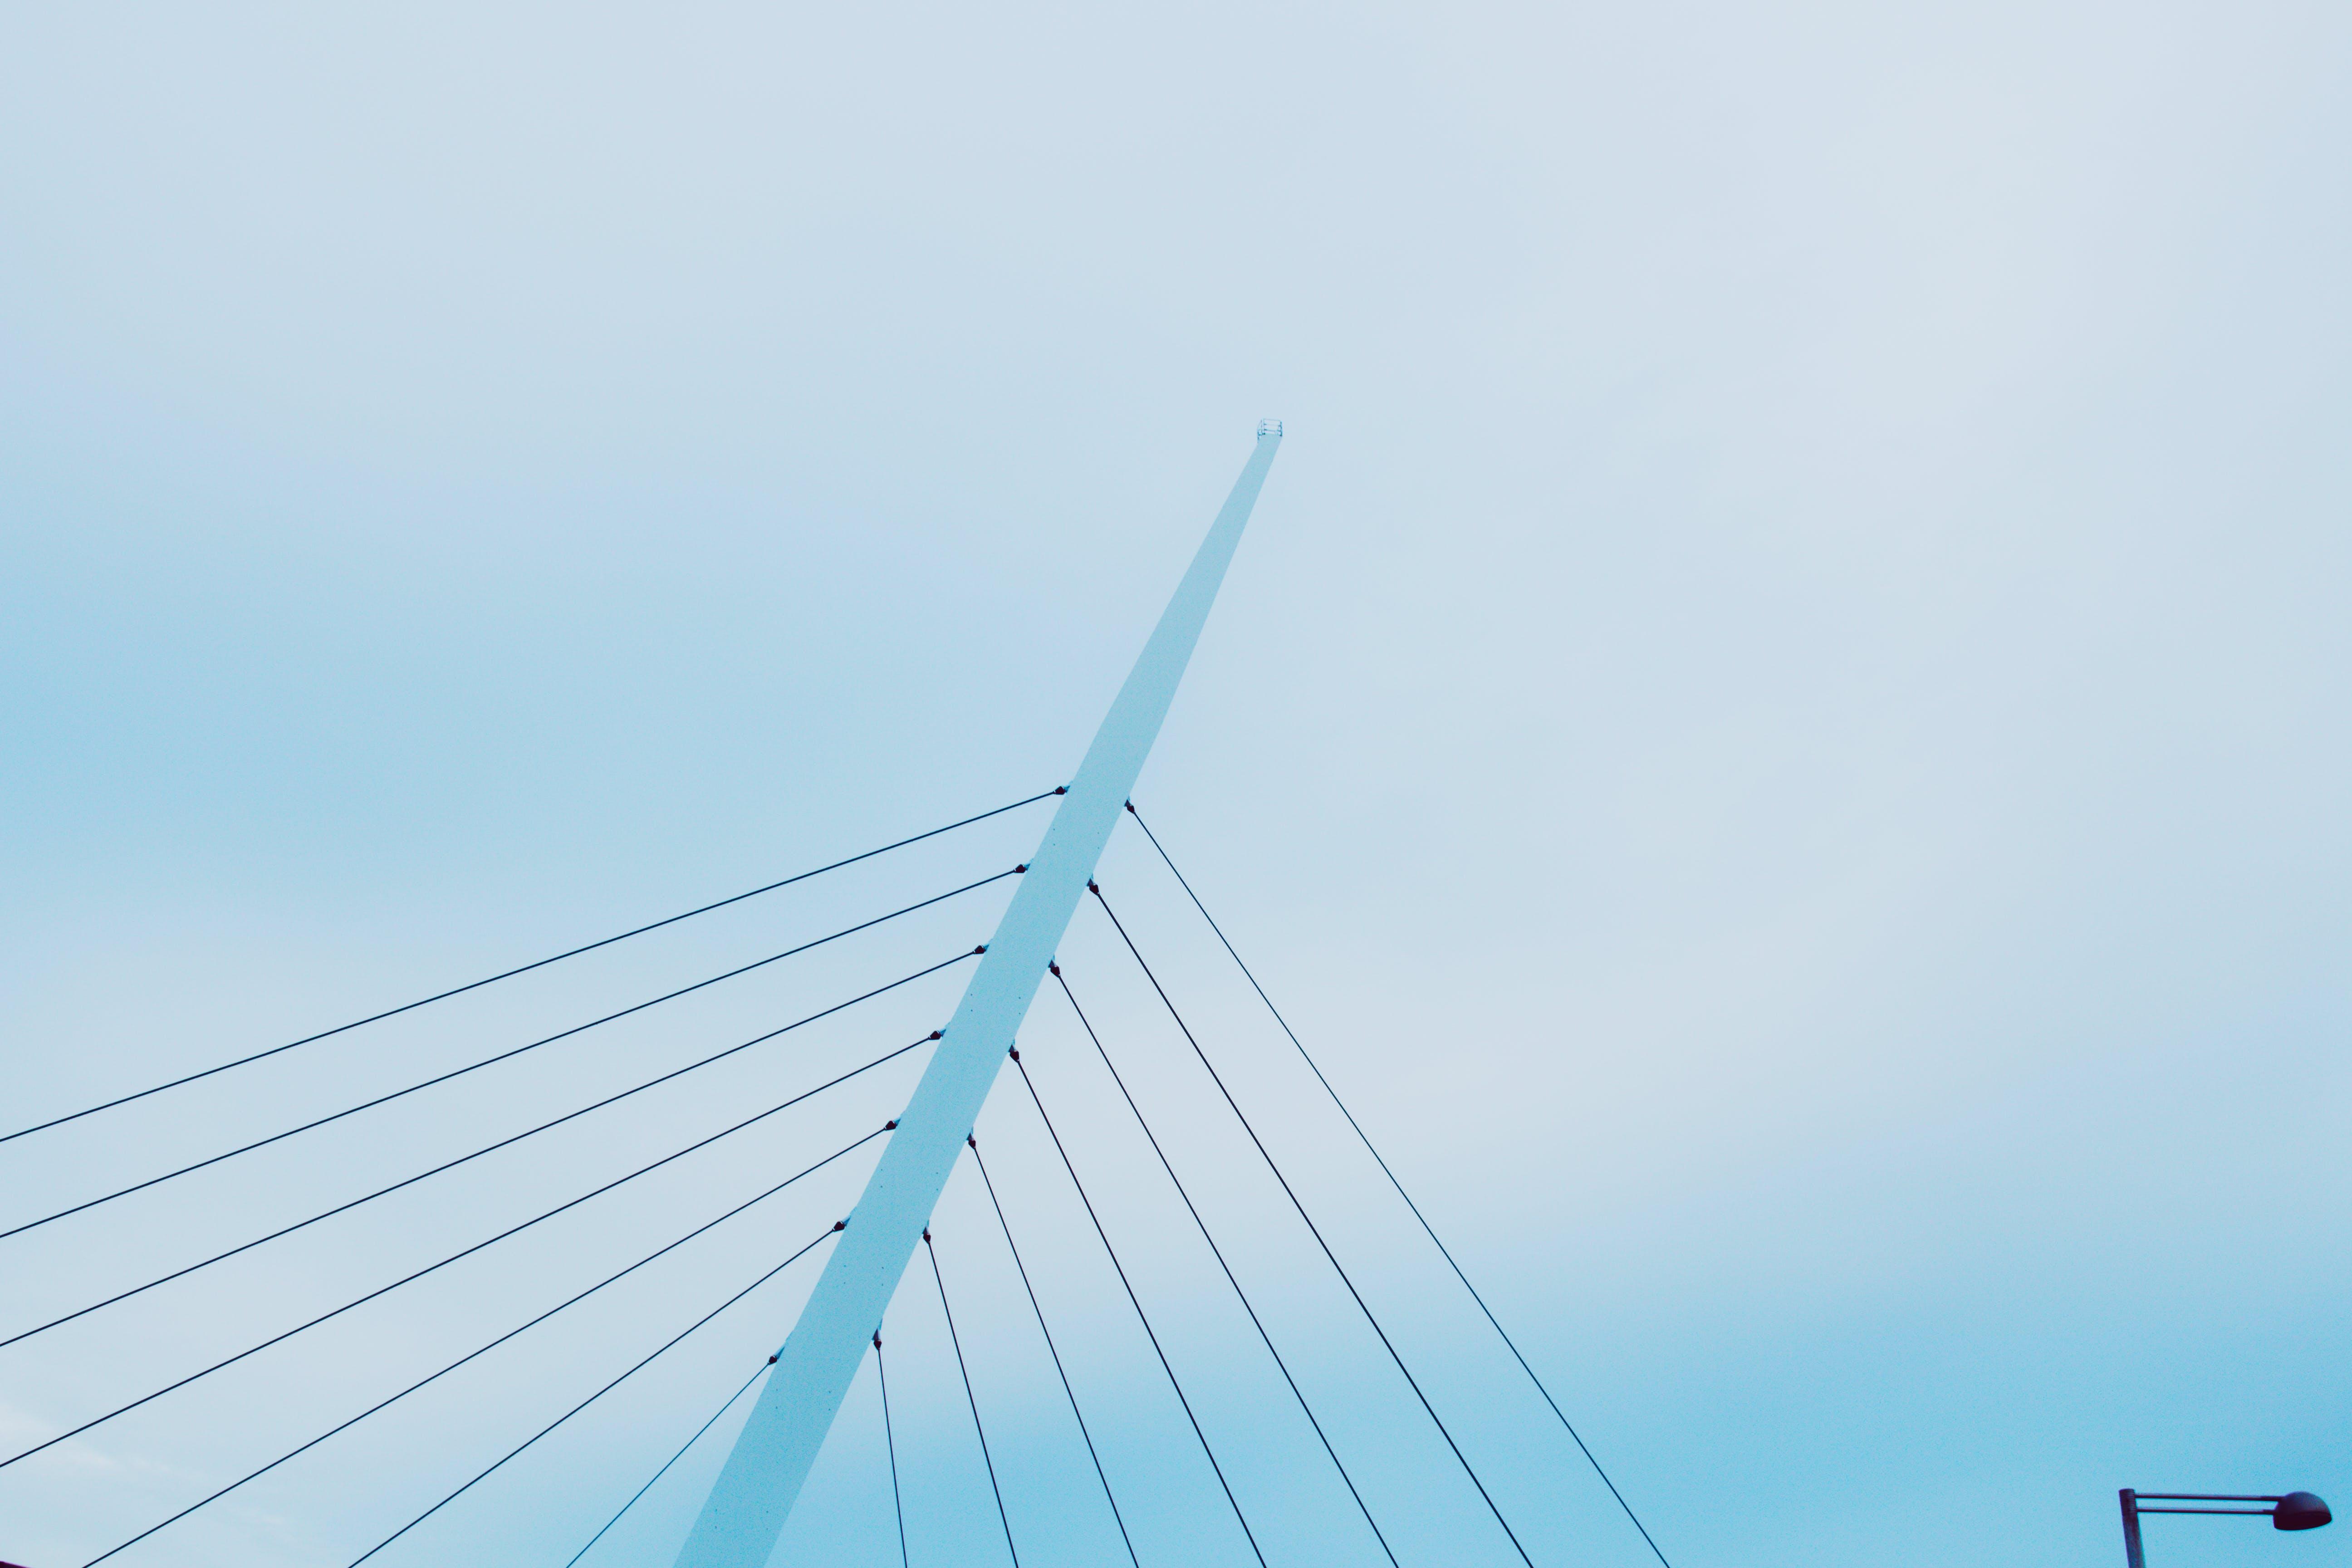 blue sky, daylight, low angle shot